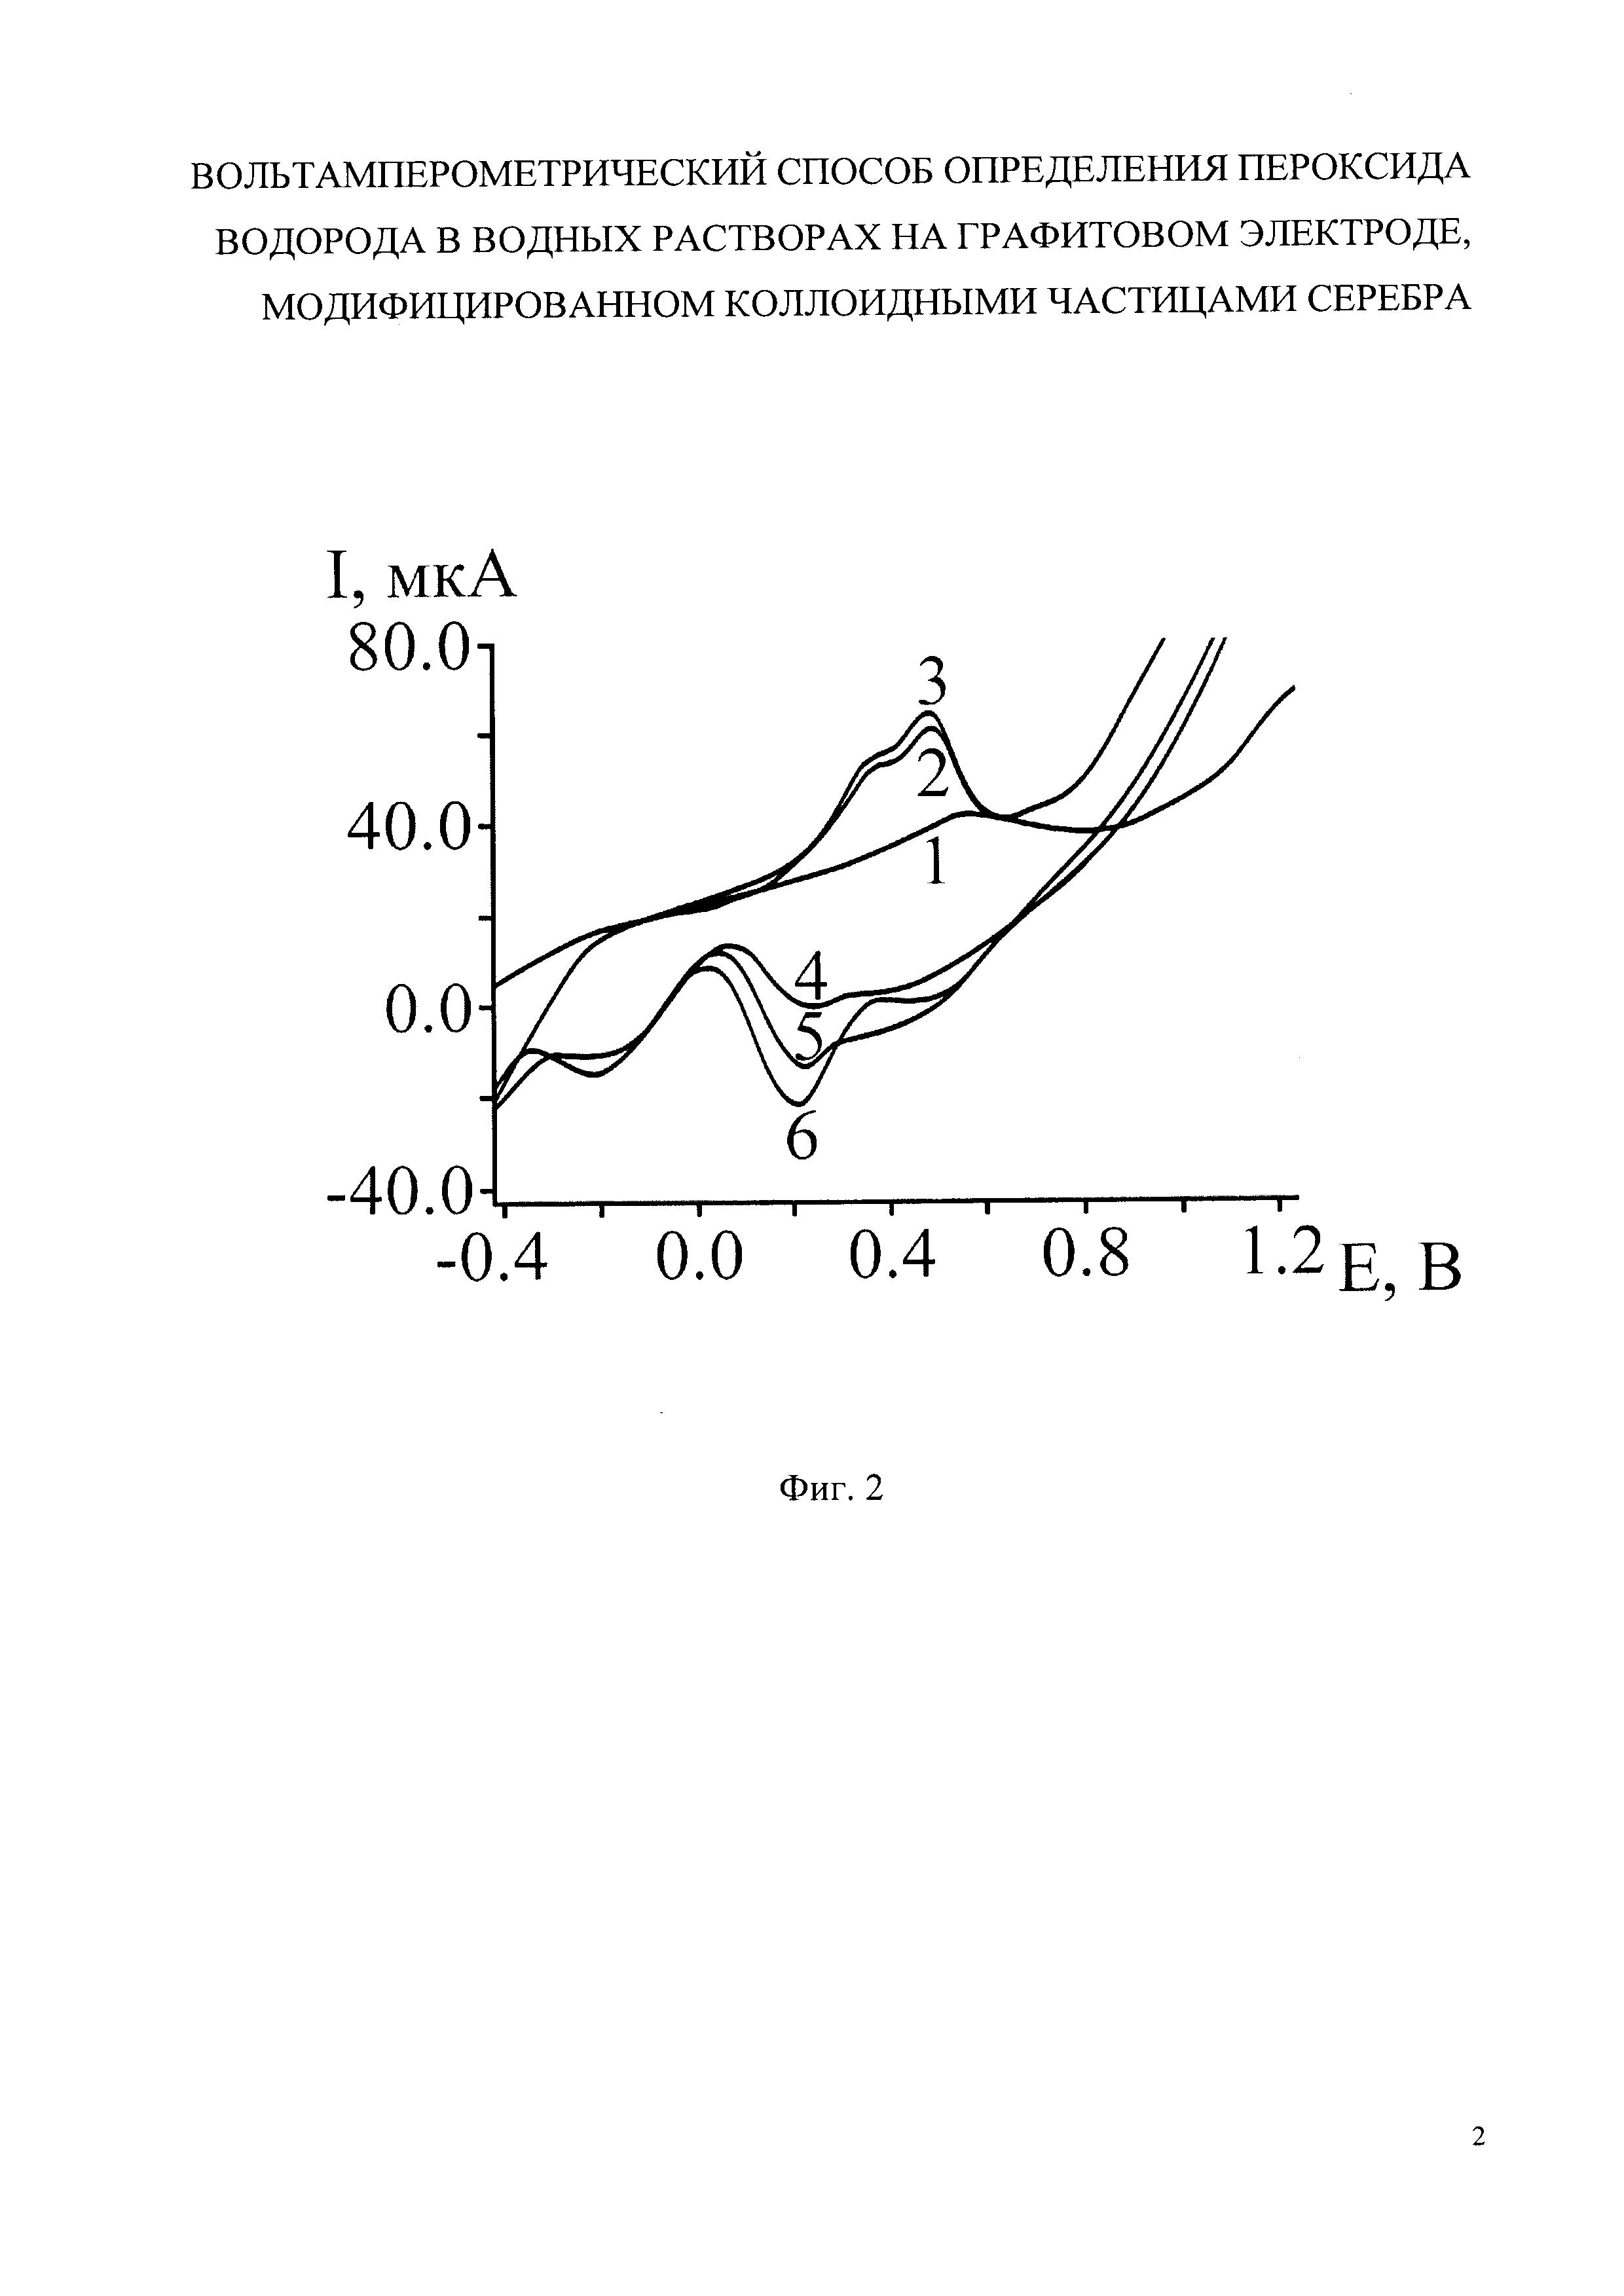 Вольтамперометрический способ определения пероксида водорода в водных растворах на графитовом электроде, модифицированном коллоидными частицами серебра